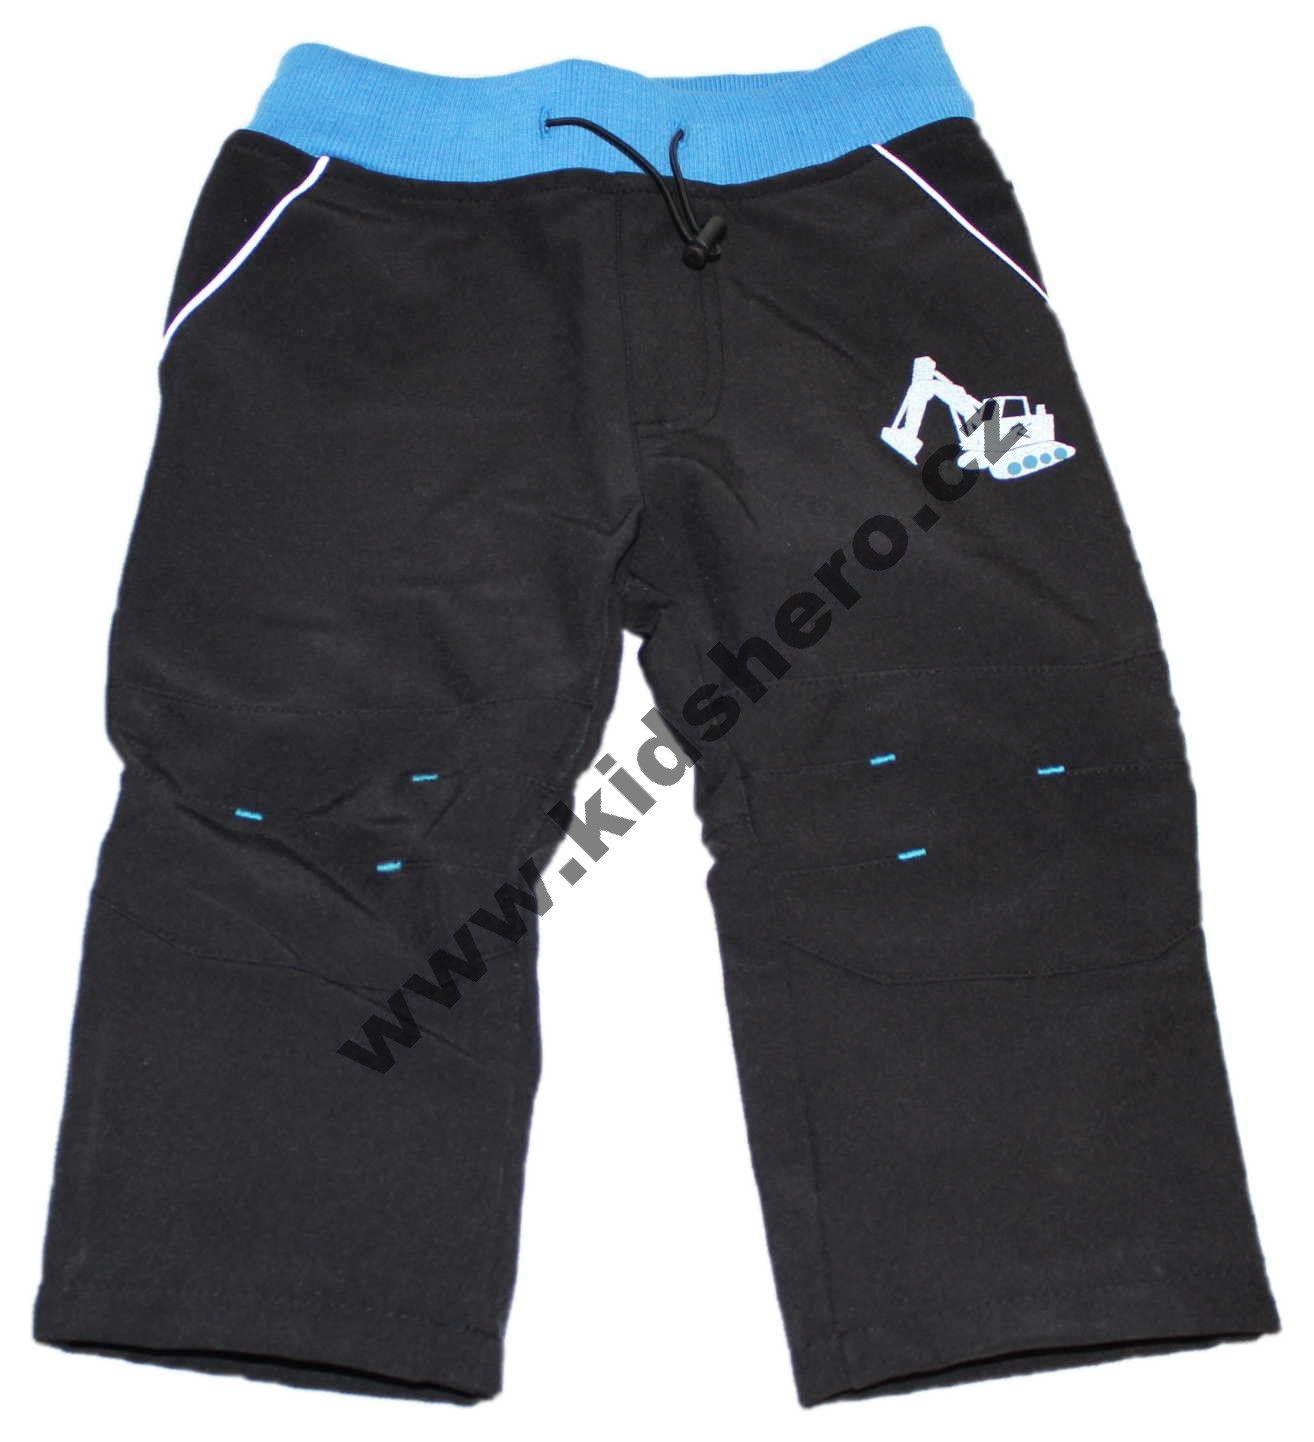 Dětské softshellové kalhoty KUGO, jarní kalhoty, podzimní kalhoty, podzimní kalhoty